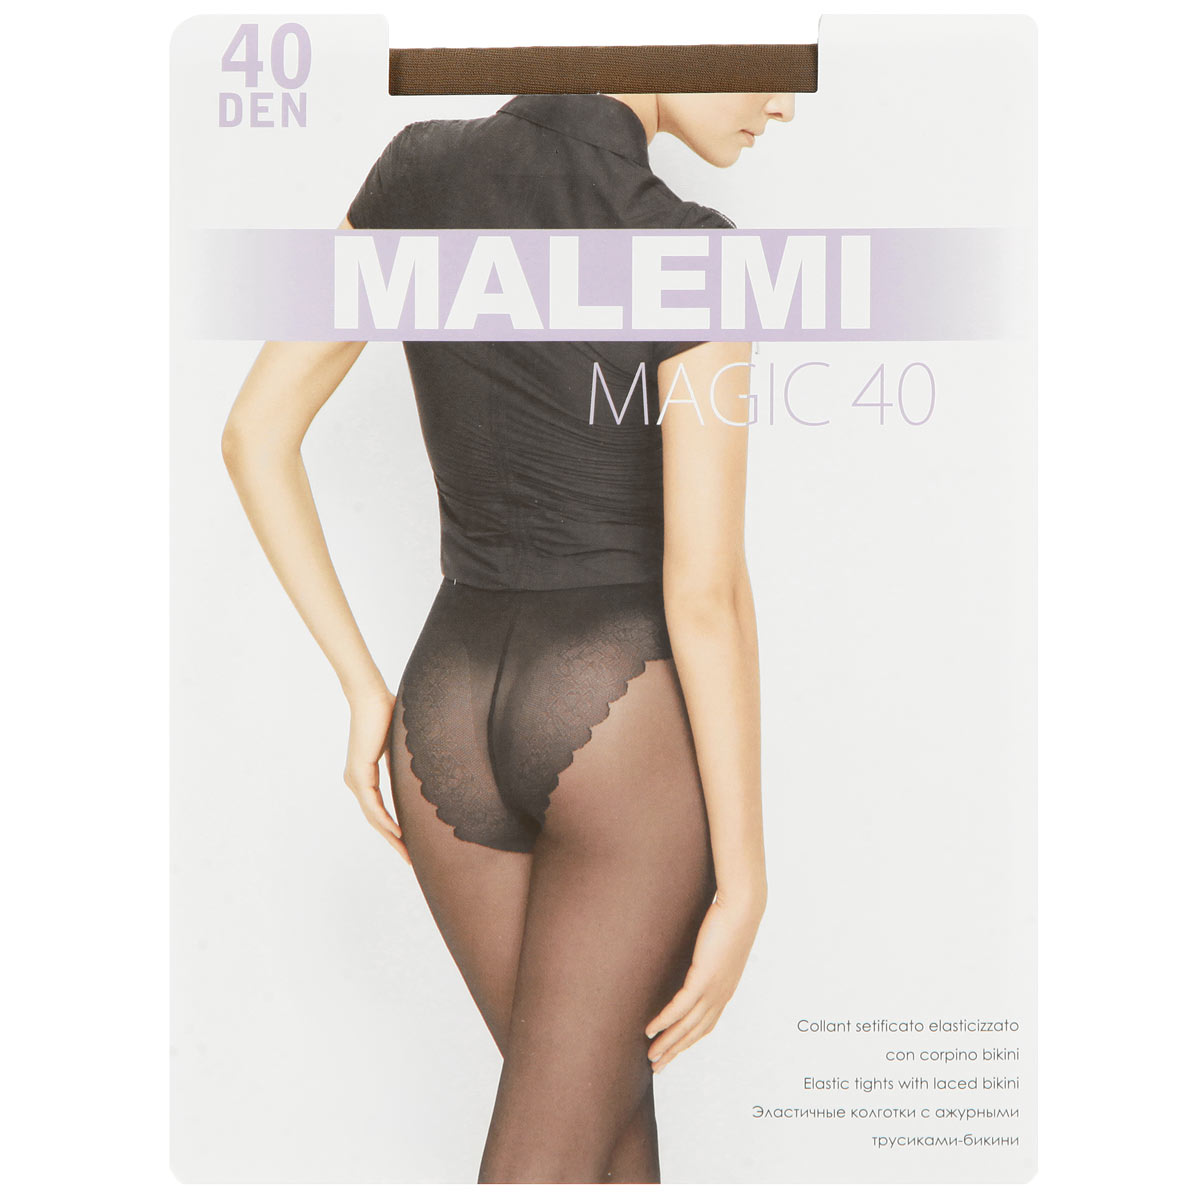 Колготки женские Malemi Magic 40, цвет: Daino (загар). Размер 4 (L)Magic 40Эластичные колготки с ажурными трусиками-бикини. Комфортный пояс, гигиеническая ластовица, укрепленный прозрачный мысок. Плотность: 40 den.